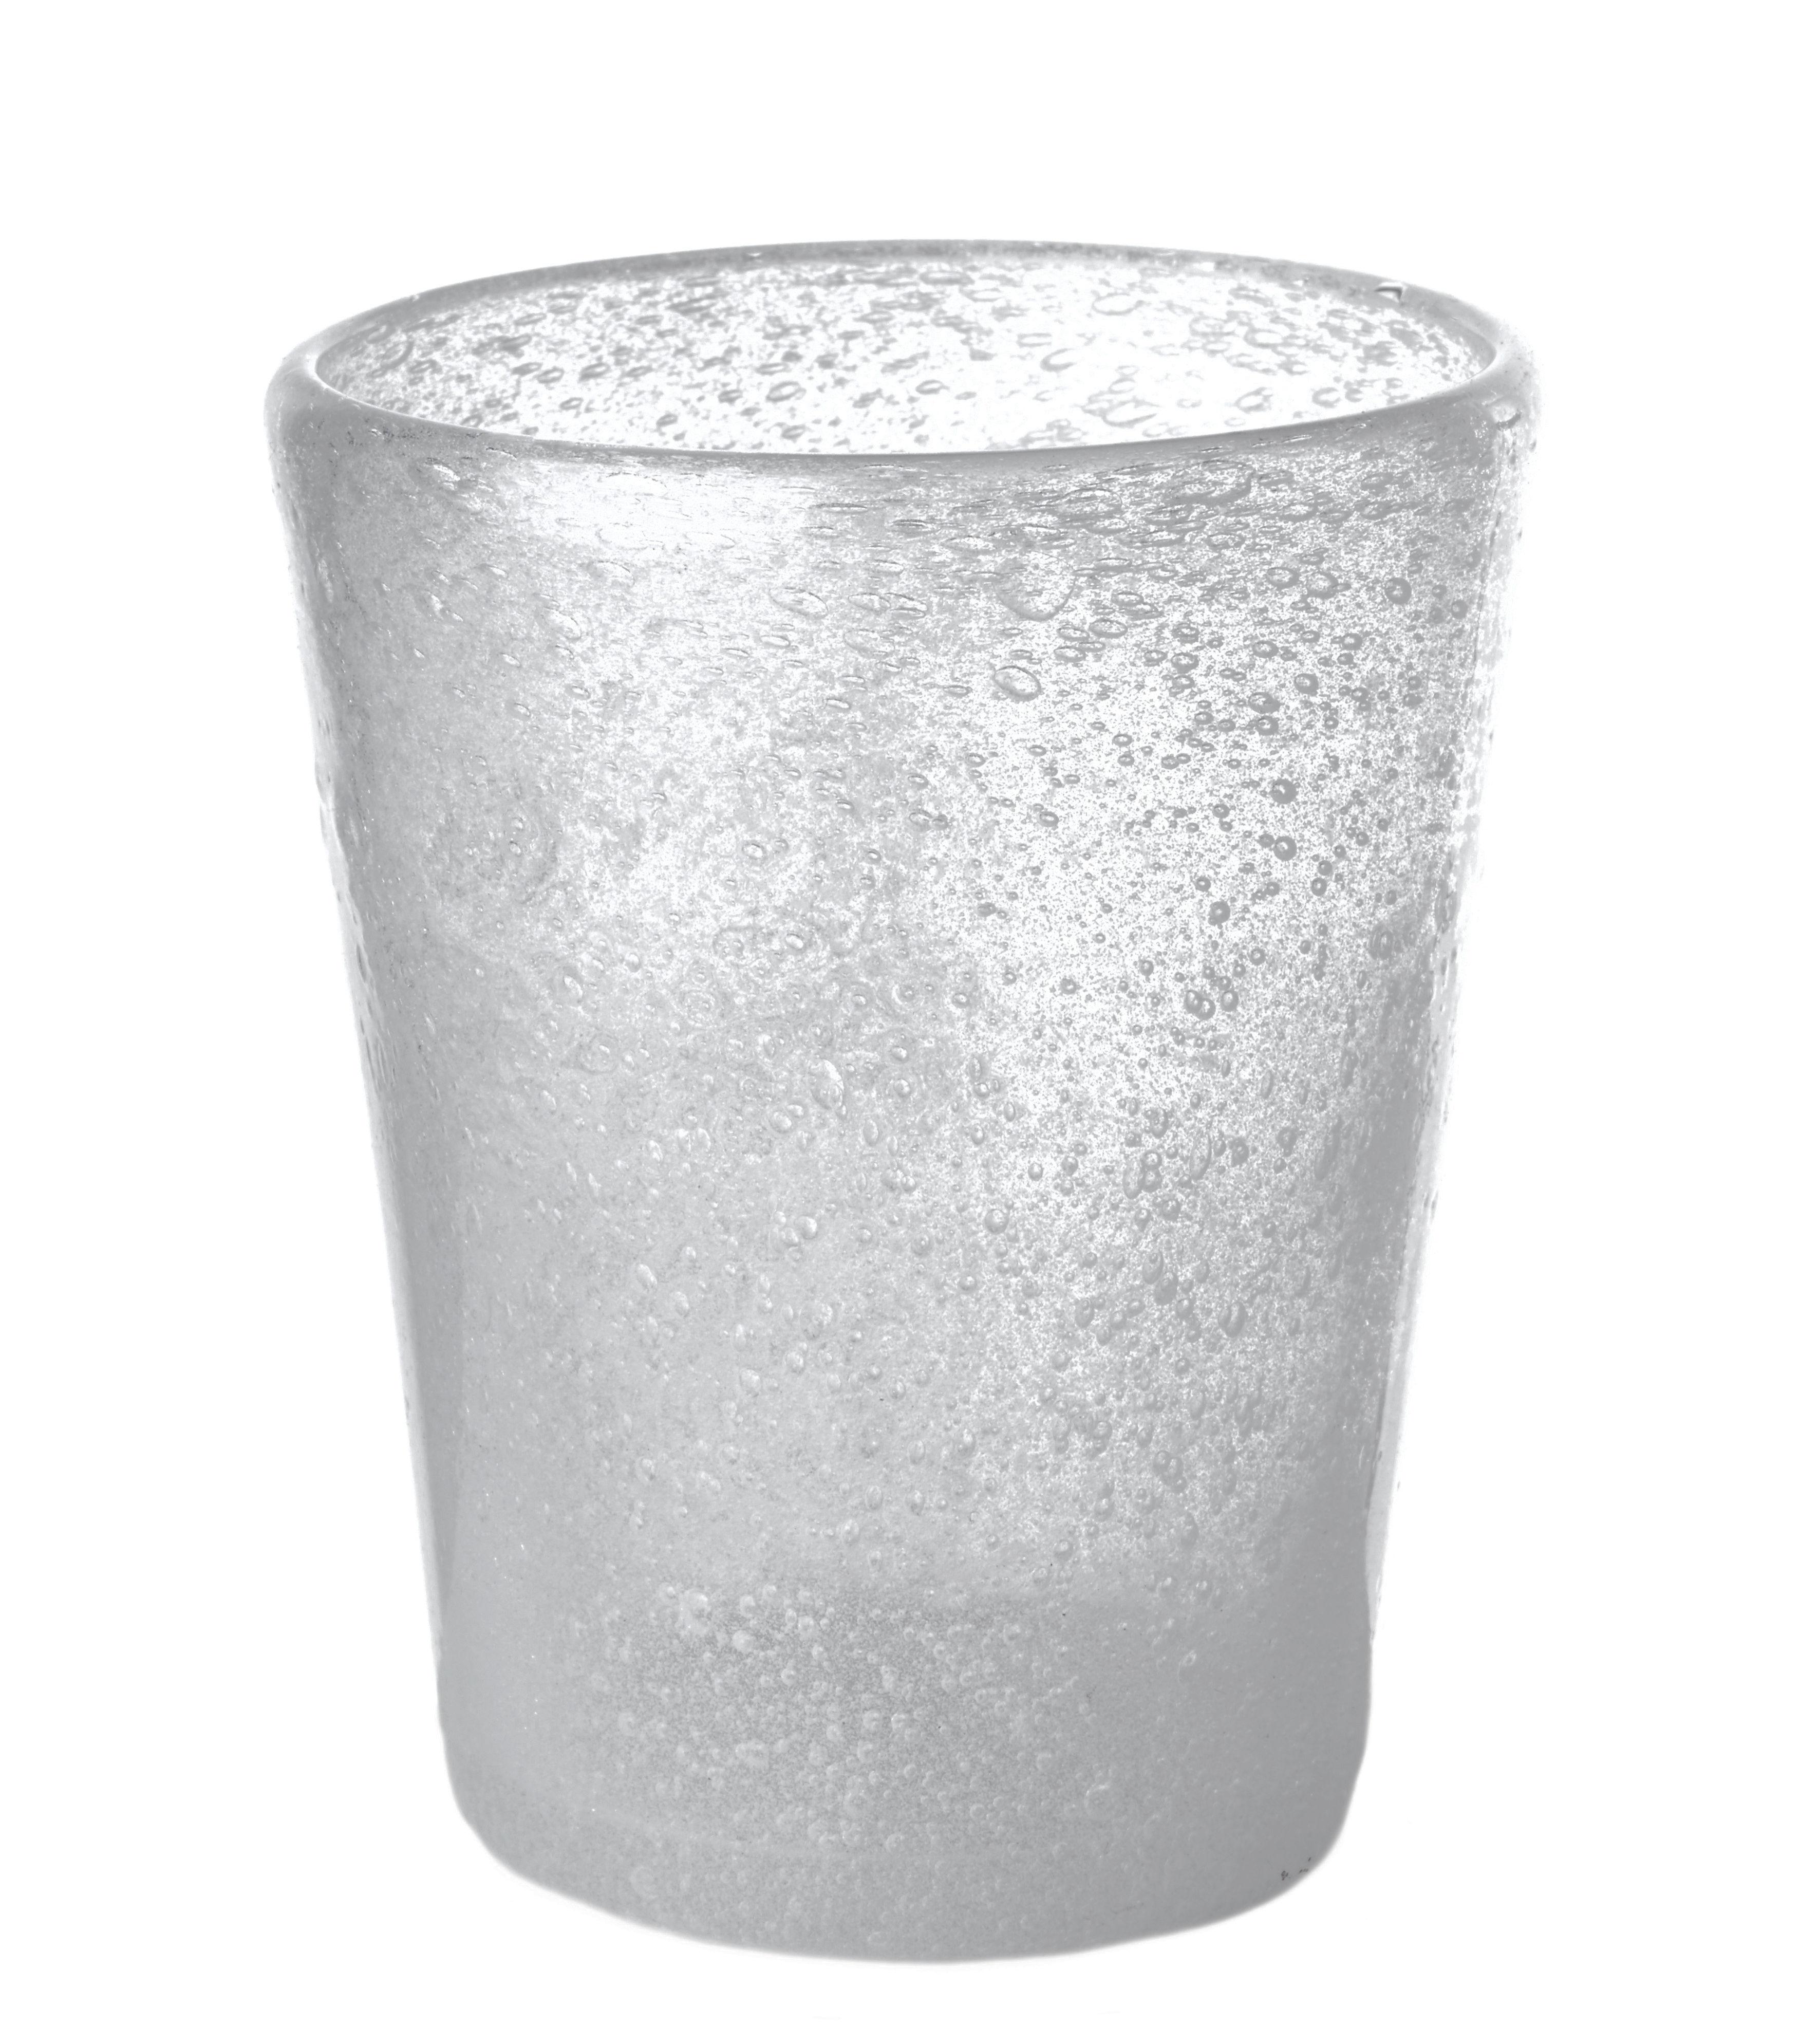 Tavola - Bicchieri  - Bicchiere He di Pols Potten - Bolla bianca - Verre bullé teinté dans la masse